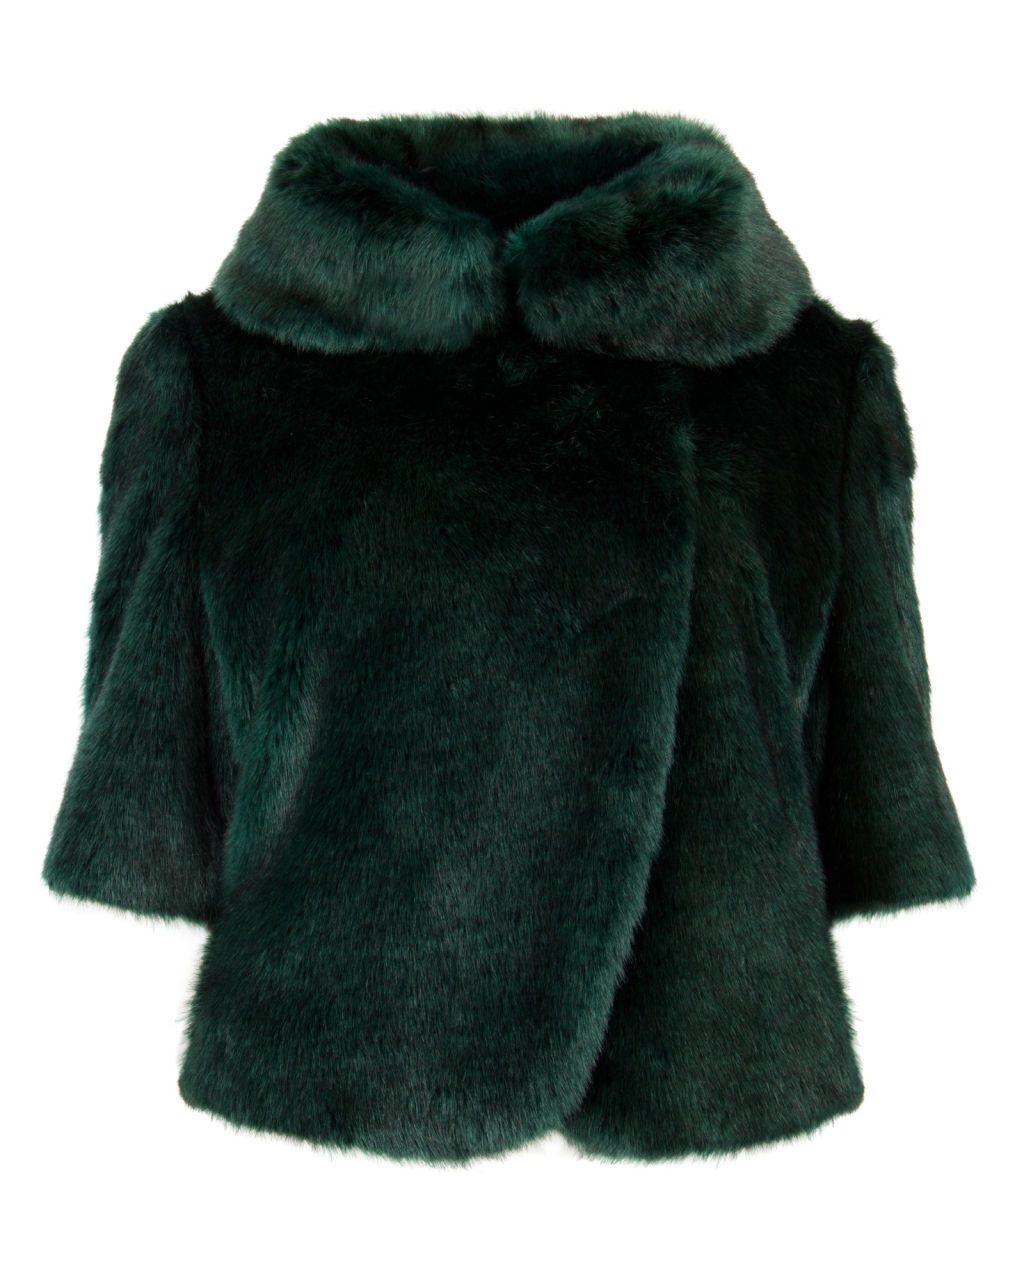 TED BAKER BIONCA faux fur